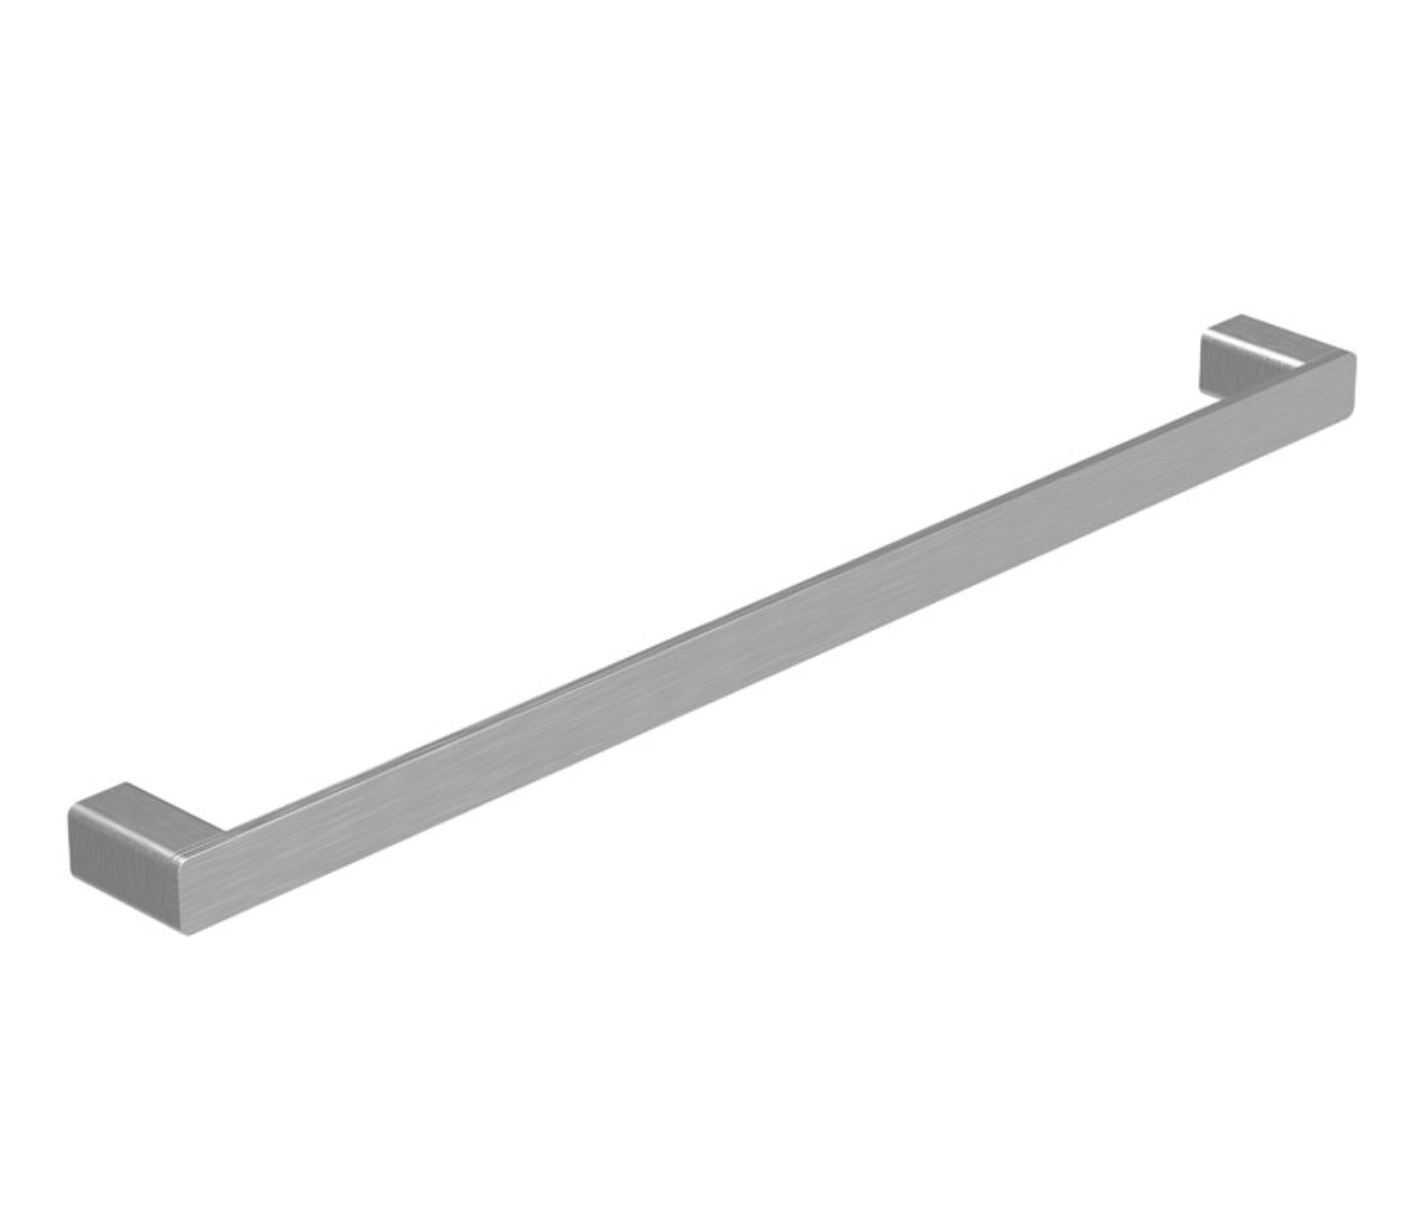 KASTEN 800mm Brushed Nickel Single Towel Rail